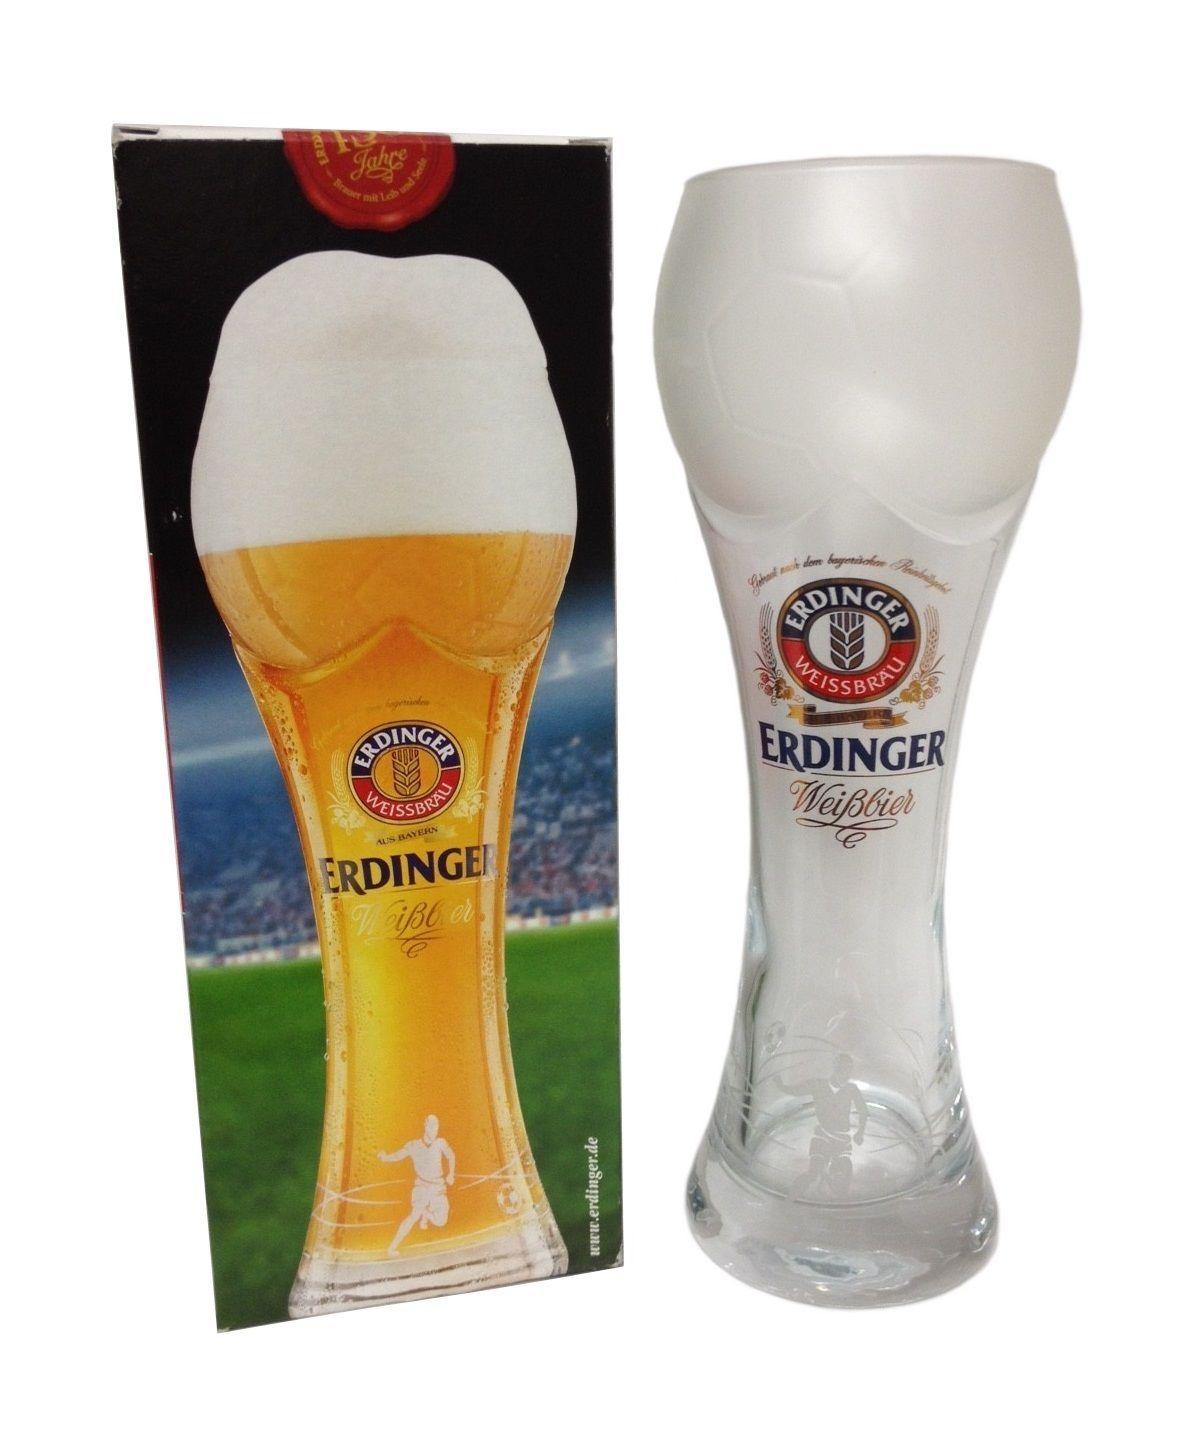 #Erdinger #Weissbier #German #Beer #Glass #Stein #Masskrug ...